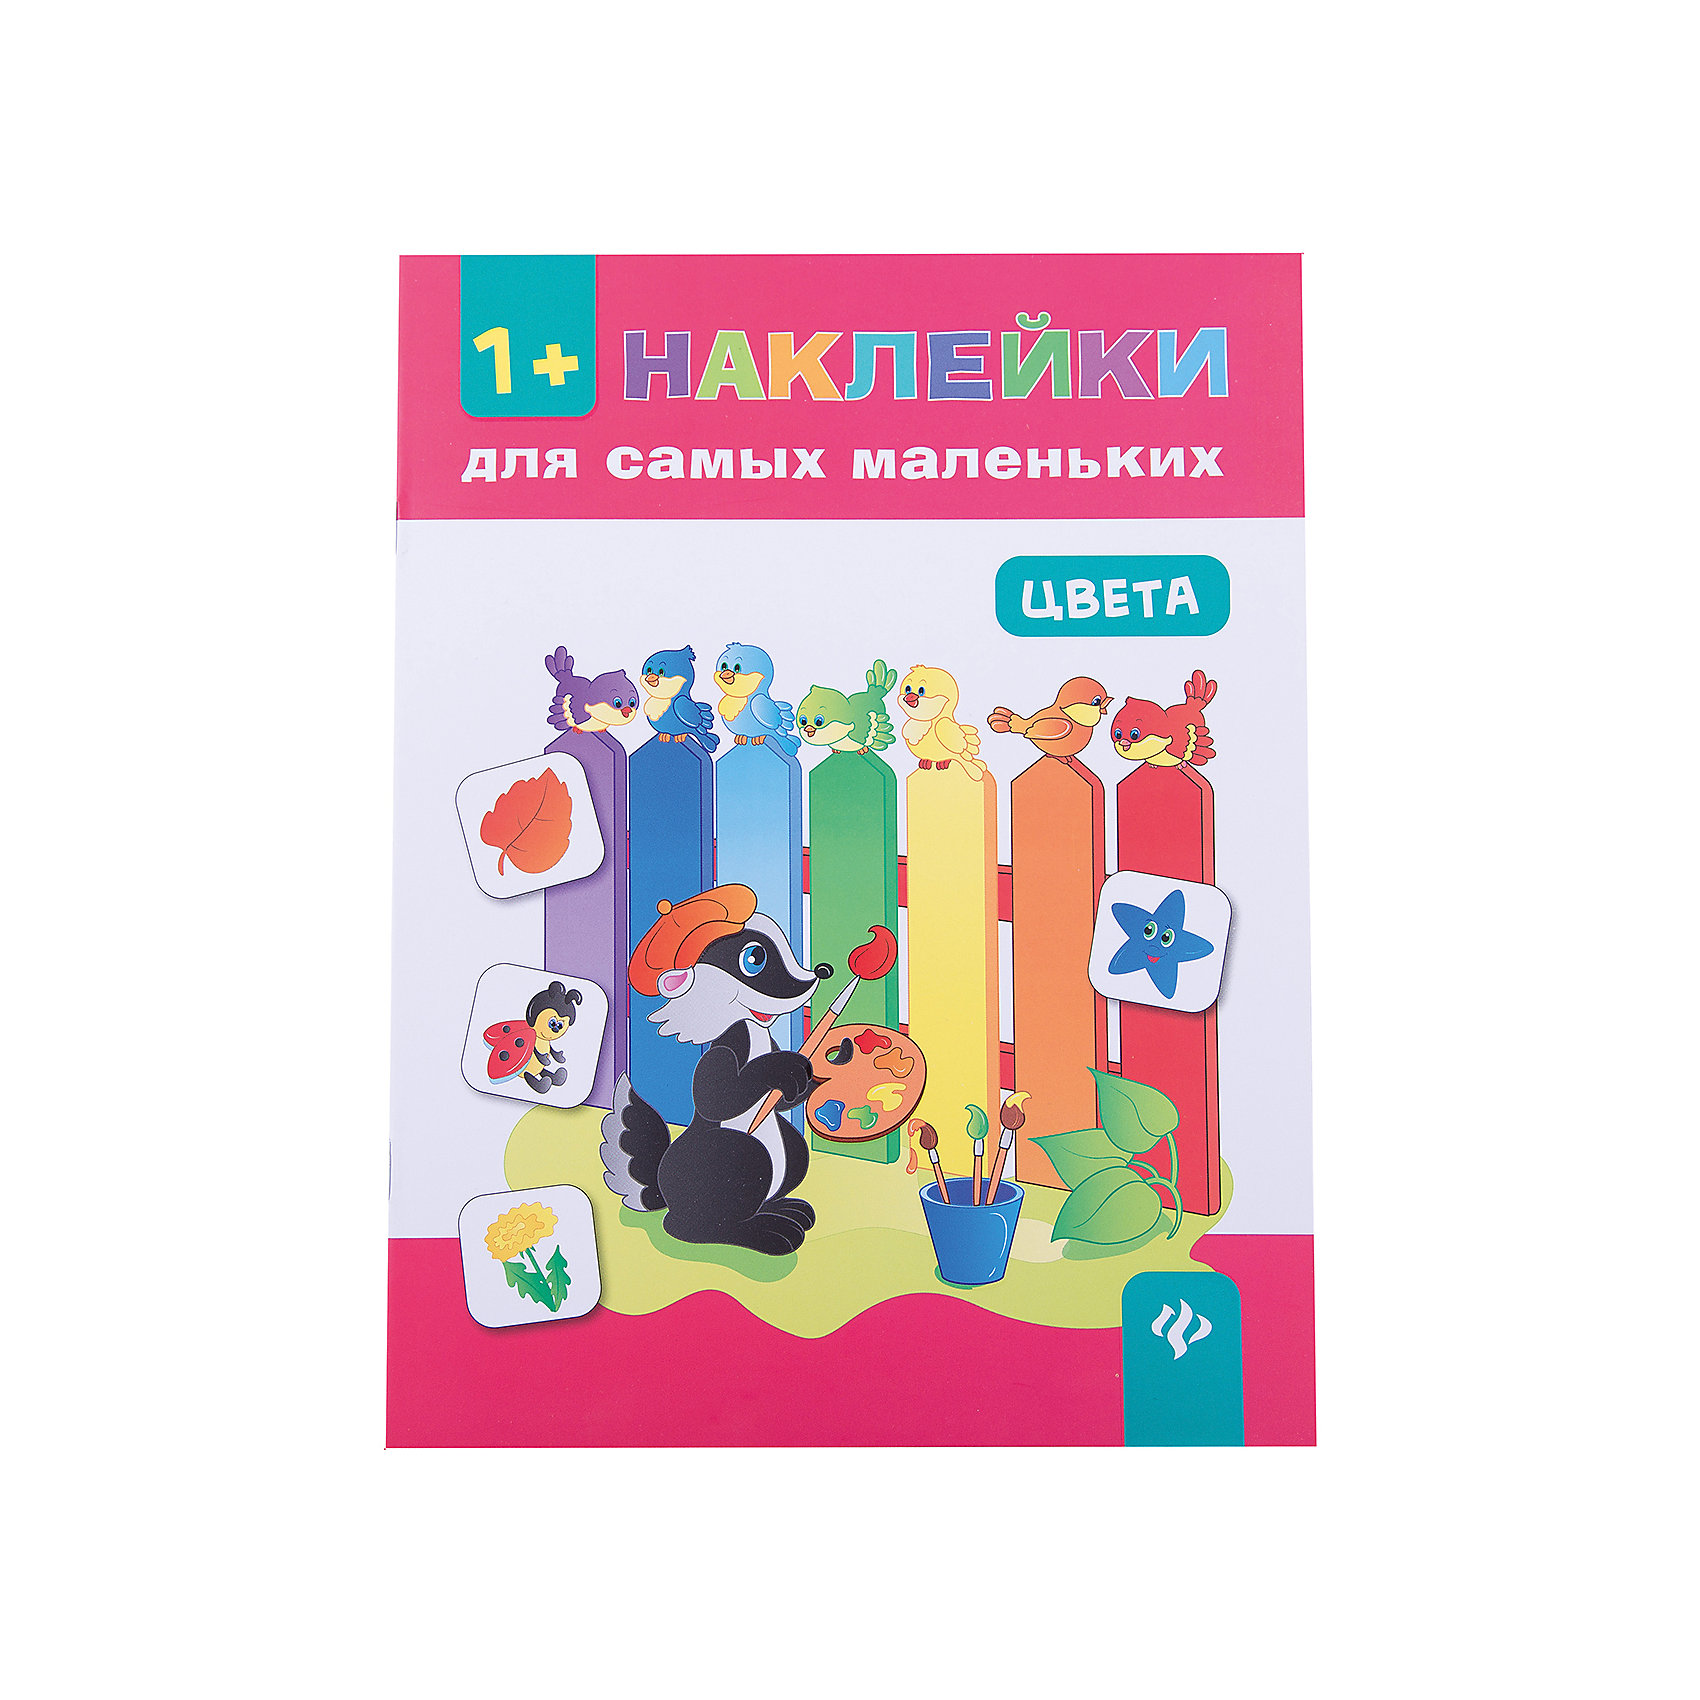 ЦветаИзучаем цвета и формы<br>Цвета – эта красочная книга с наклейками поможет вашему малышу легко запомнить цвета.<br>Книга «Цвета» из серии «Наклейки для самых маленьких» наверняка понравится малышам, ведь клеить наклейки всегда очень интересно и к тому же полезно, это занятие развивает мелкую моторику рук, способствует развитию внимательности и дарит массу удовольствия! Книга «Цвета» дает малышам возможность не только клеить наклейки, а ещё и пополнить свои знания. Работая с этой книжкой, ребенок познакомится с основными цветами. Каждая страница книги посвящена одному цвету. В соответствии с заданием, нужно дополнить рисунок наклейками с предметами того же цвета, что и на рисунке. Например, к фиолетовым цветам - фиолетовых бабочек, к синему дельфину – синюю морскую звезду и синюю медузу, к желтым утятам - желтое солнце и одуванчики. На каждой странице книги нужно приклеить одну или несколько наклеек, какие именно указано в задании. Наклейки можно наклеивать в любое подходящее место, четких границ нет, поэтому с заданием справятся даже самые маленькие. Наклейки расположены на отдельном развороте. Яркие весёлые иллюстрации и интересные задания книги превратят обучение в увлекательную игру!<br><br>Дополнительная информация:<br><br>- Автор: Ткаченко Ю. А.<br>- Художник: Егорова Т. С.<br>- Редакторы: Ткаченко Ю. А., Привезенцева Н. С.<br>- Издательство: Феникс-Премьер<br>- Серия: Наклейки для самых маленьких<br>- Тип обложки: мягкий переплет (крепление скрепкой или клеем)<br>- Оформление: с наклейками, частичная лакировка<br>- Иллюстрации: цветные<br>- Количество страниц: 8 (мелованная)<br>- Размер: 260x200x2 мм.<br>- Вес: 74 гр.<br><br>Книга «Цвета» - это издание, предназначенное для совместной работы взрослых с детьми дошкольного возраста.<br><br>Книгу «Цвета» можно купить в нашем интернет-магазине.<br><br>Ширина мм: 200<br>Глубина мм: 1<br>Высота мм: 257<br>Вес г: 70<br>Возраст от месяцев: 12<br>Возраст до месяцев: 24<br>Пол: Унисекс<br>Возраст: Детский<br>SKU: 499